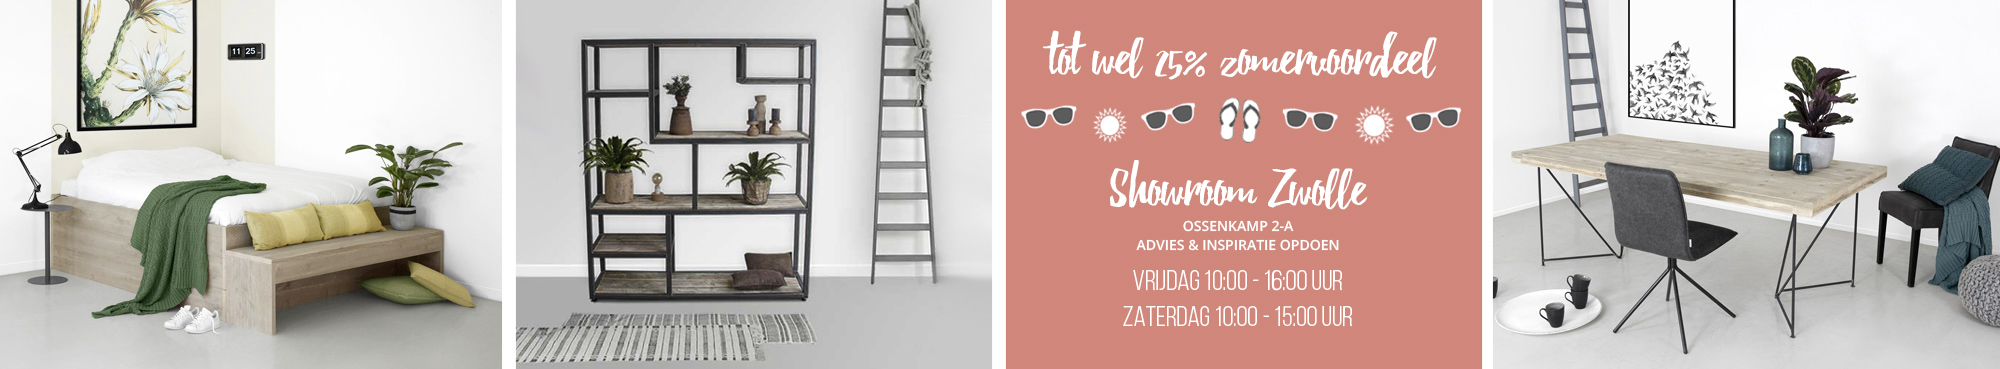 https://www.steigerhoutenmeubelshop.nl/wp-content/uploads/2018/07/meubelen-zwolle-en-shops.jpg